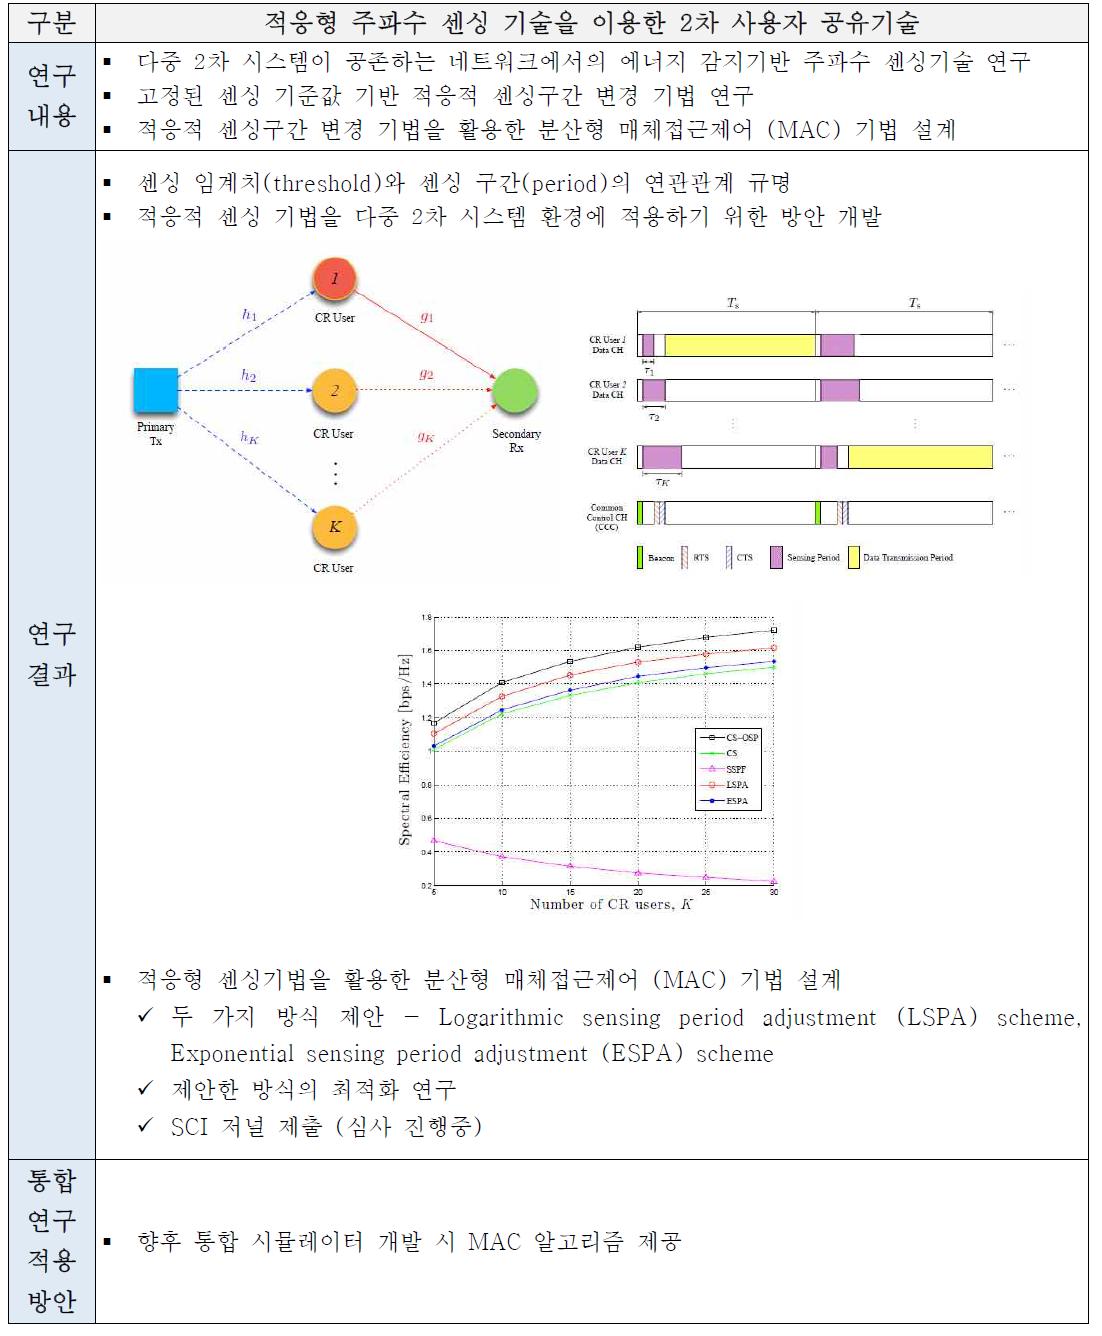 제3세부 연구부 당해연도 연구추진 내역(2차 사용자 주파수 공유기술)